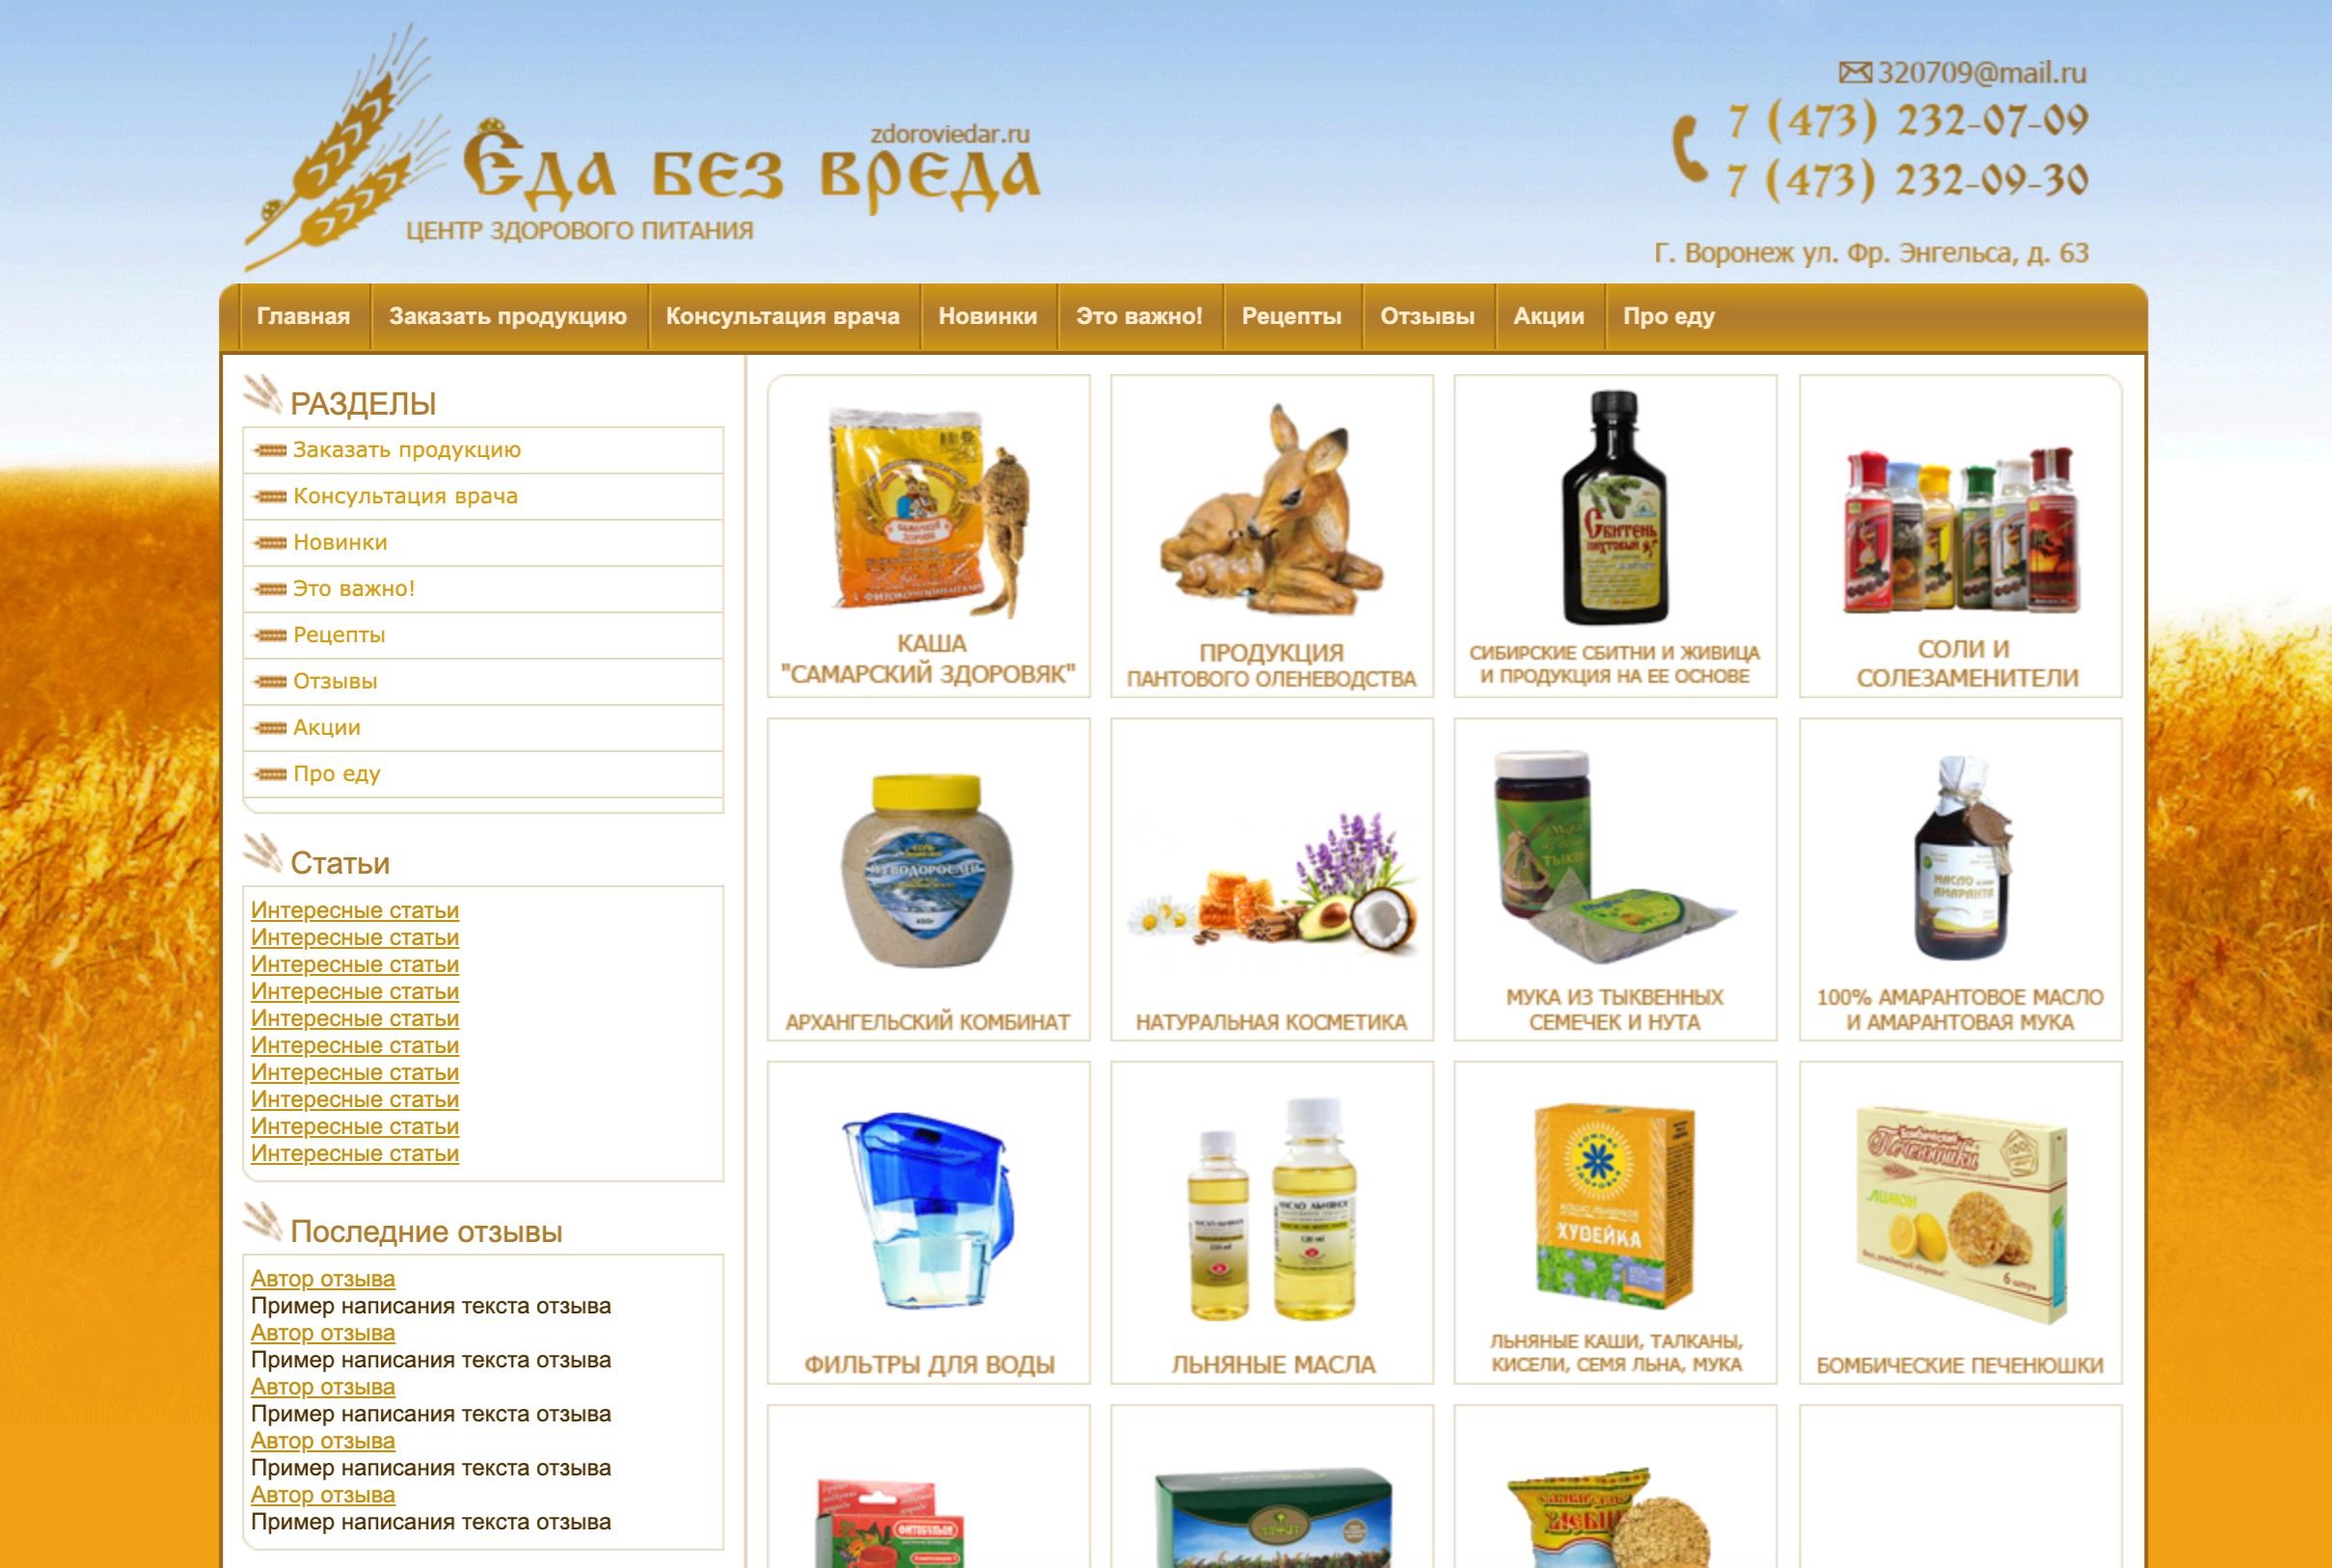 Дизайн для сайта ZdorovieDar Gold (Макет + верстка) купить